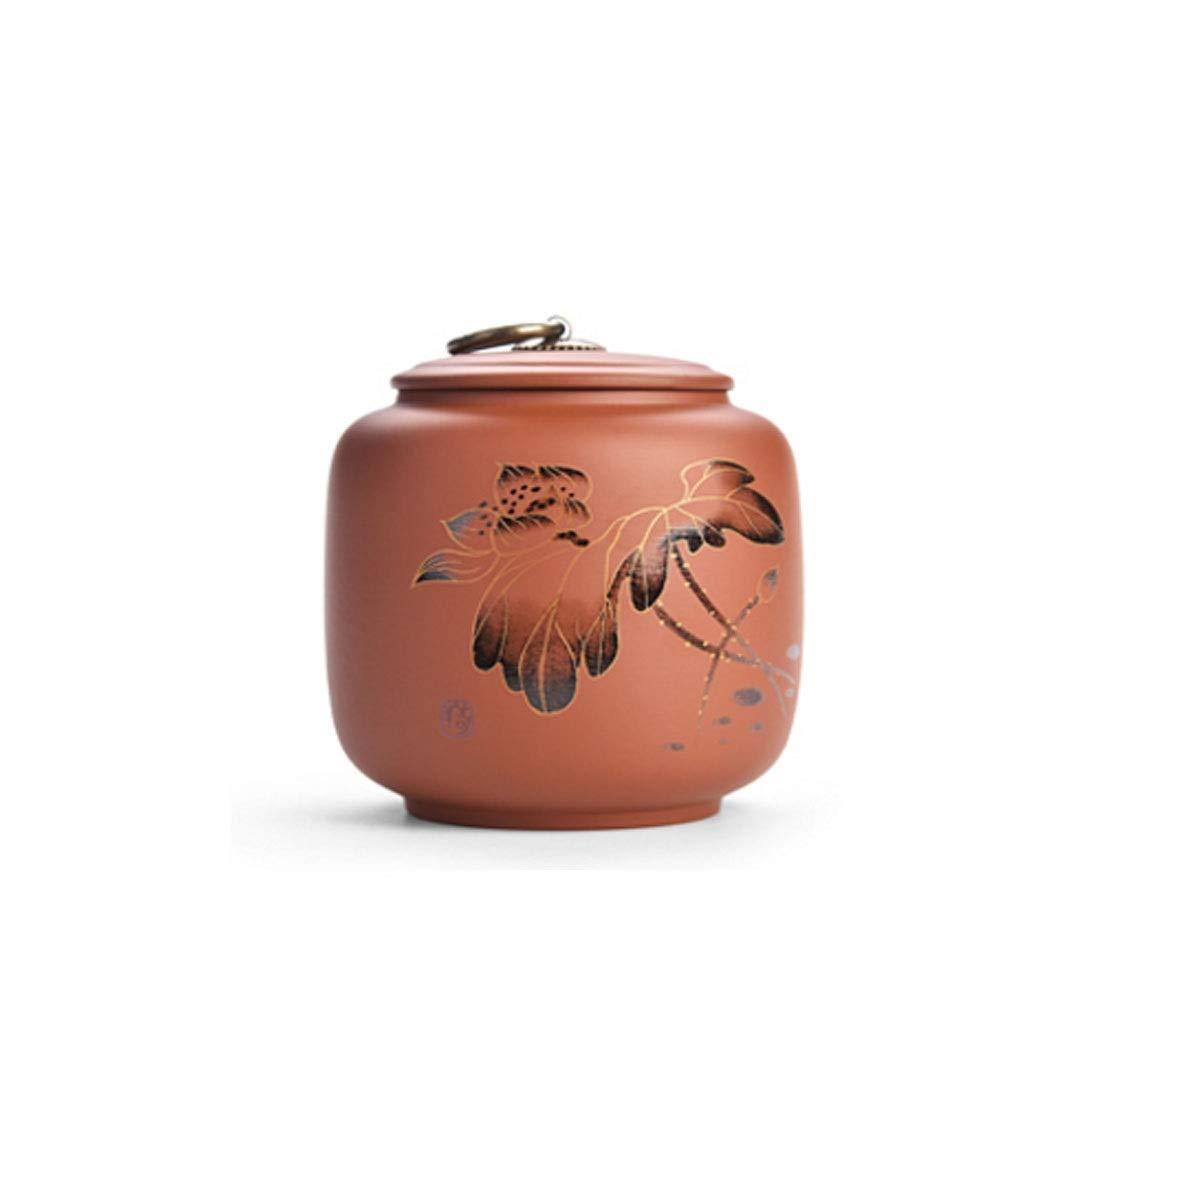 Auspicious cans [Lotus] Purple Sand Sealed Ashes, Auspicious Pots, Ceramic Pet Caskets, Portable Pet Caskets, Ceramic Sealed Urns, Cat Boxes, Dog Boxes, Celadon Storage Boxes, Sealed Coffins, Pet Boxes,